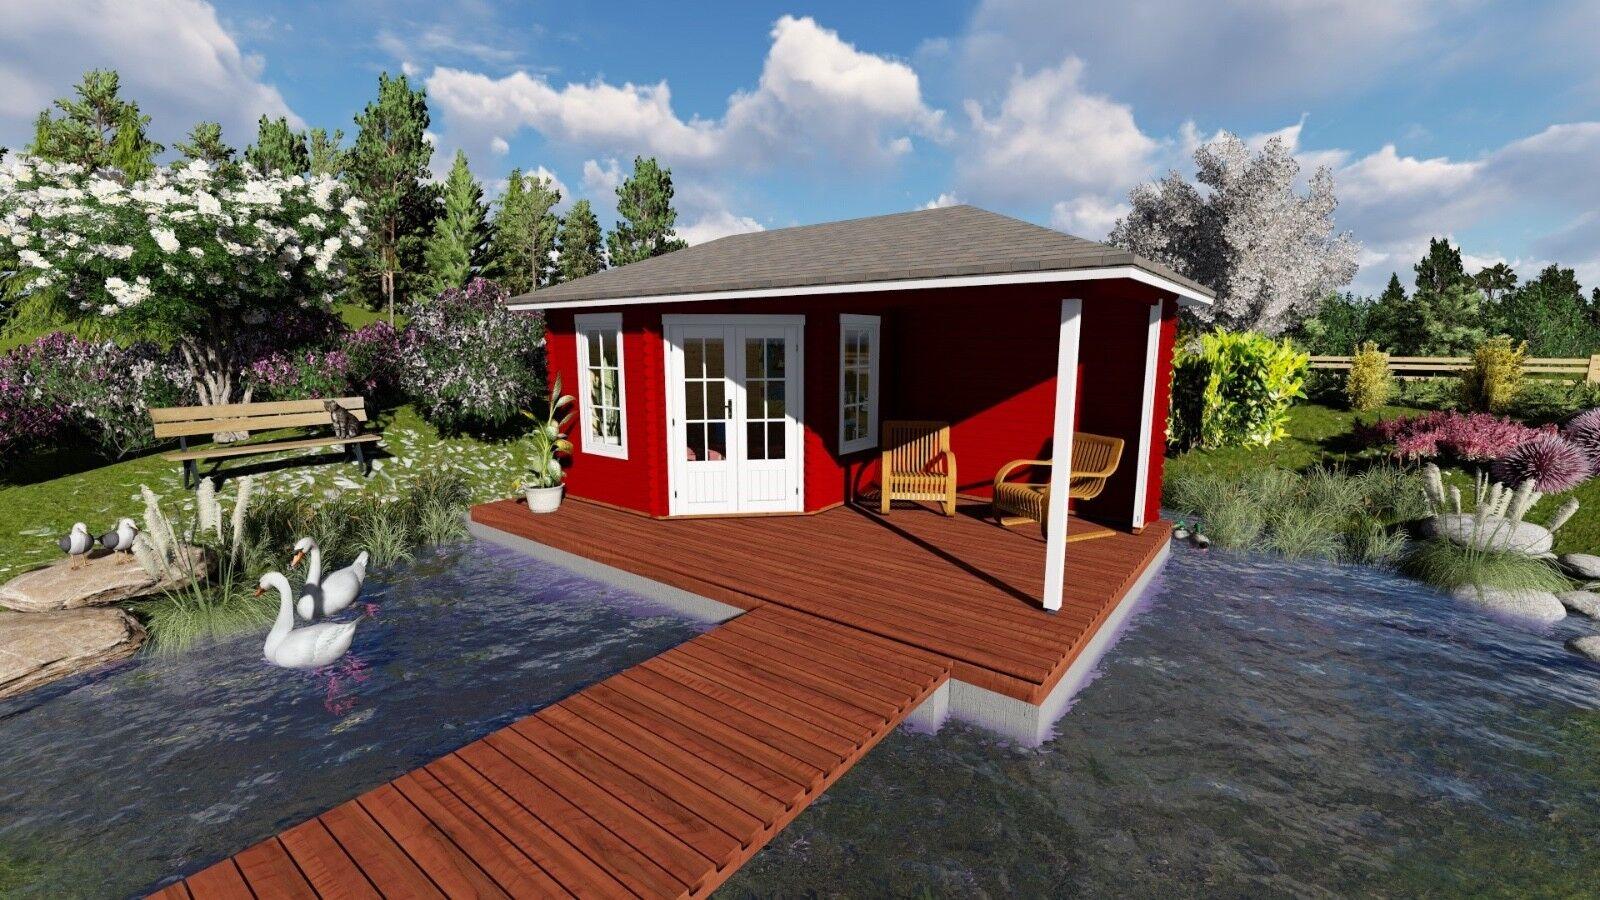 gartenhaus mit schleppdach test vergleich gartenhaus. Black Bedroom Furniture Sets. Home Design Ideas